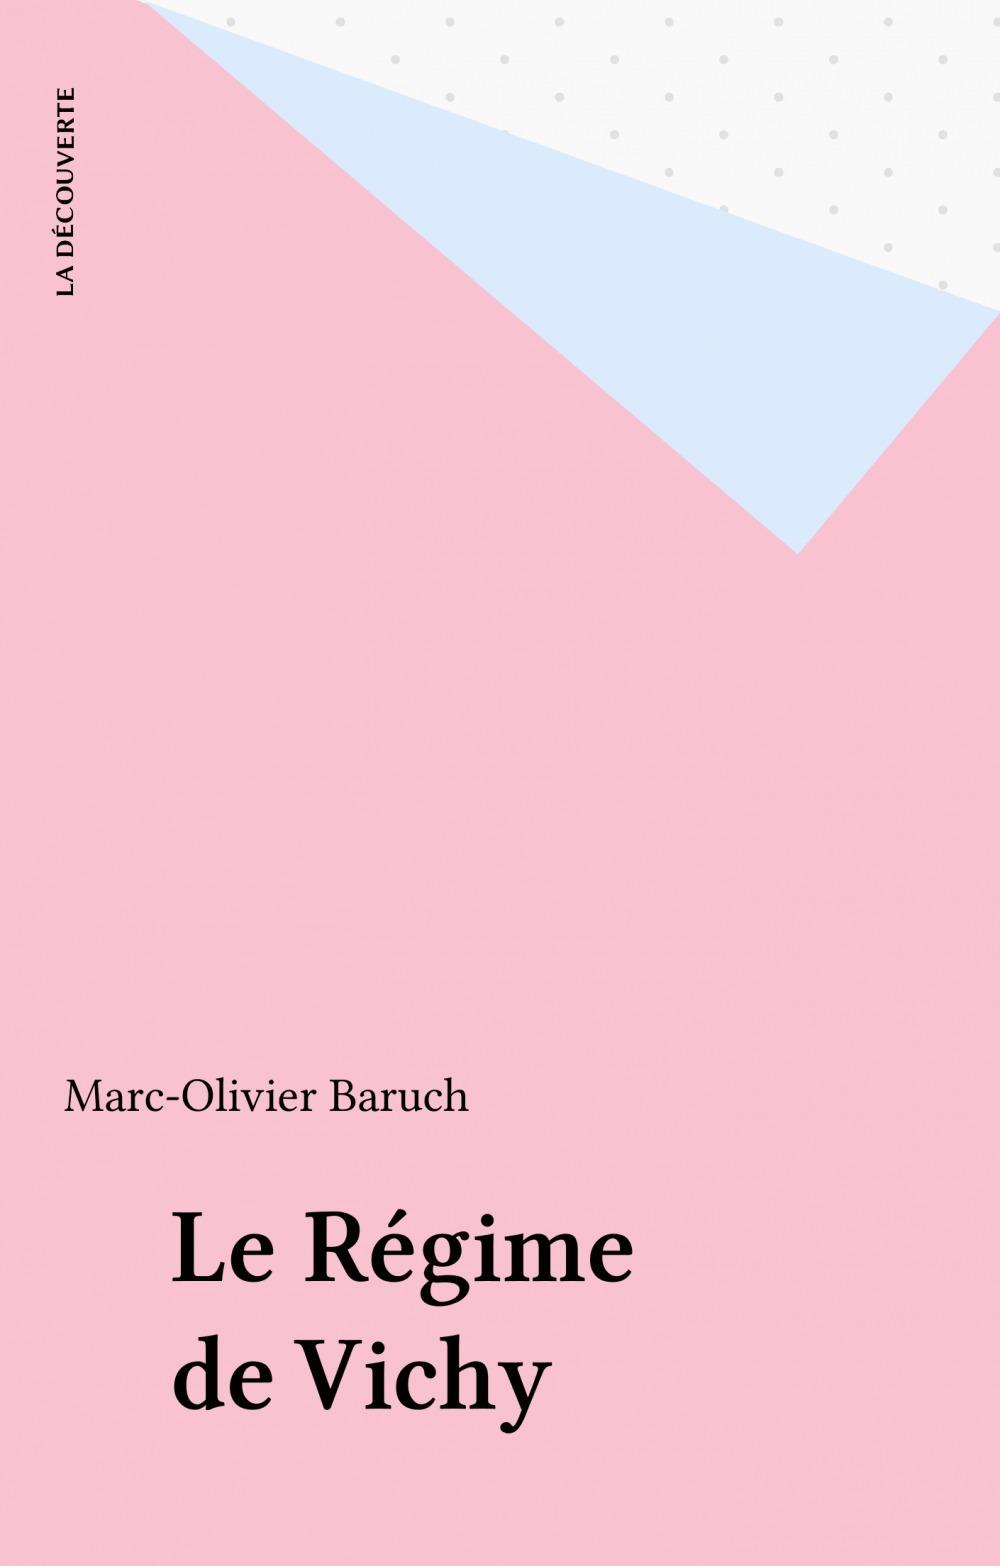 Le Régime de Vichy  - Marc-Olivier Baruch